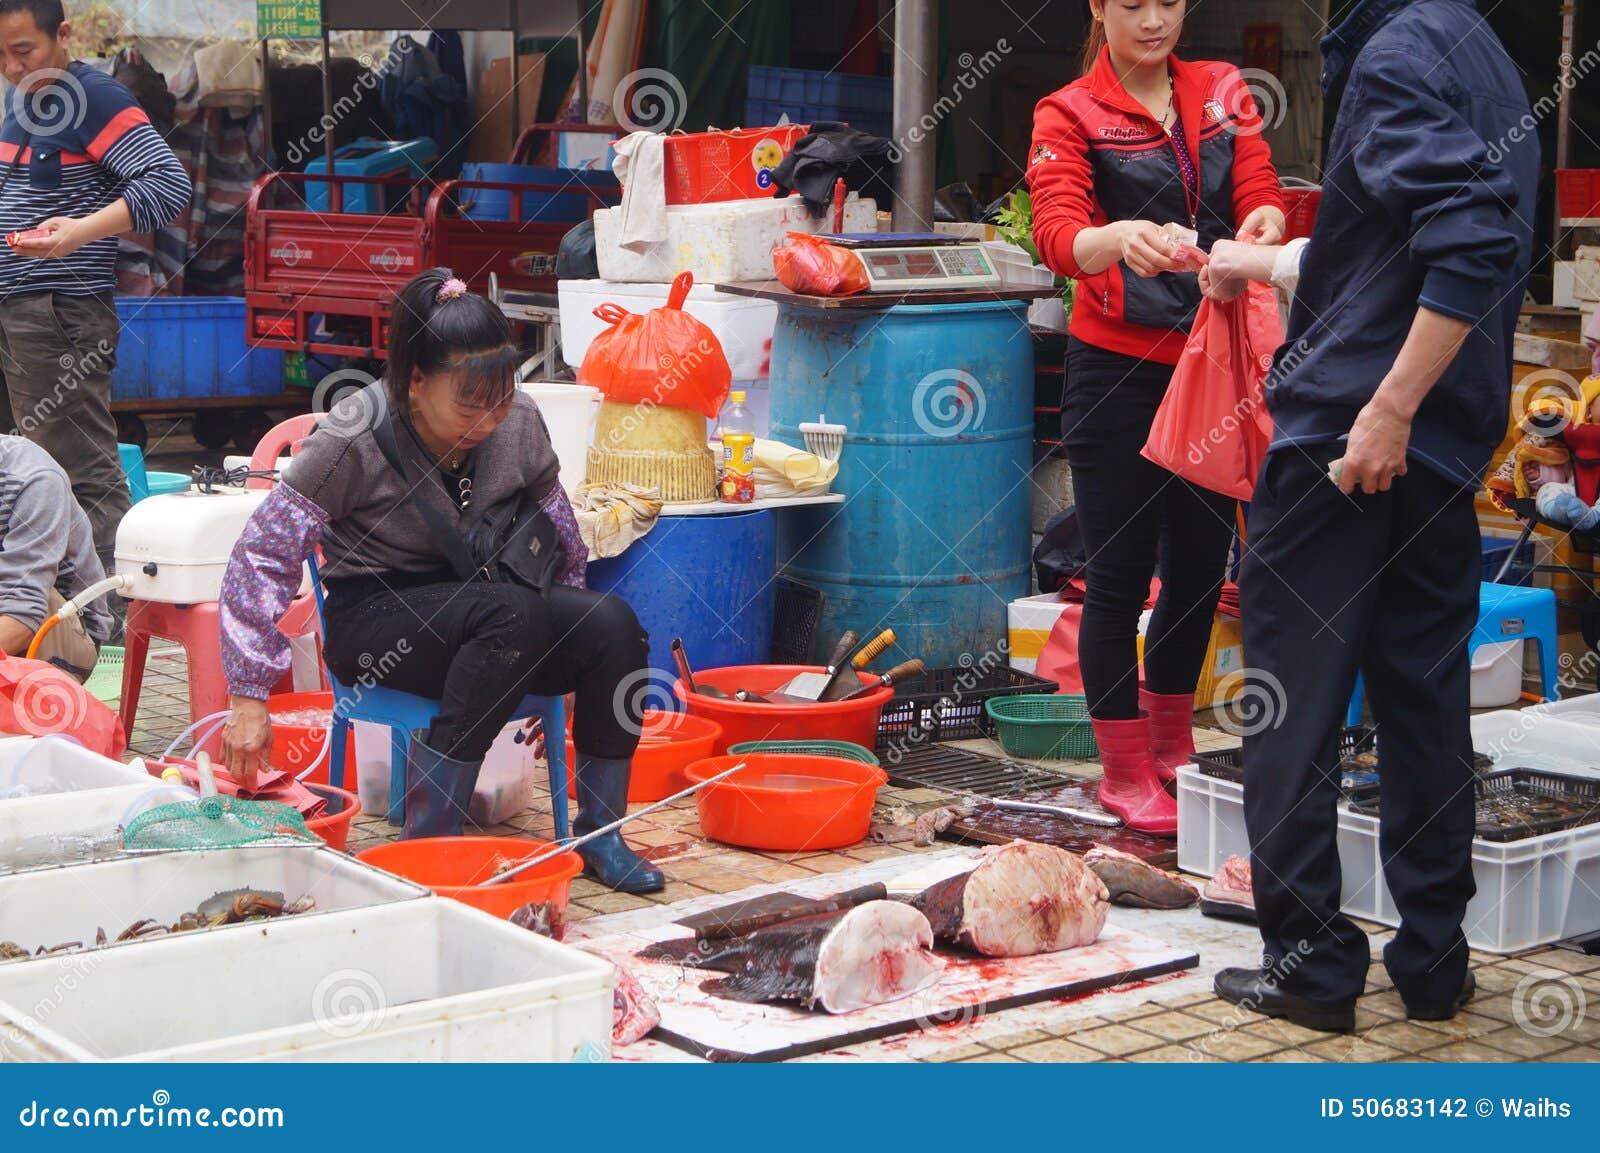 Download 深圳,瓷:海鲜市场 图库摄影片. 图片 包括有 客户, 海鲜, 室外, 市场, 访客, 食物, 布琼布拉 - 50683142